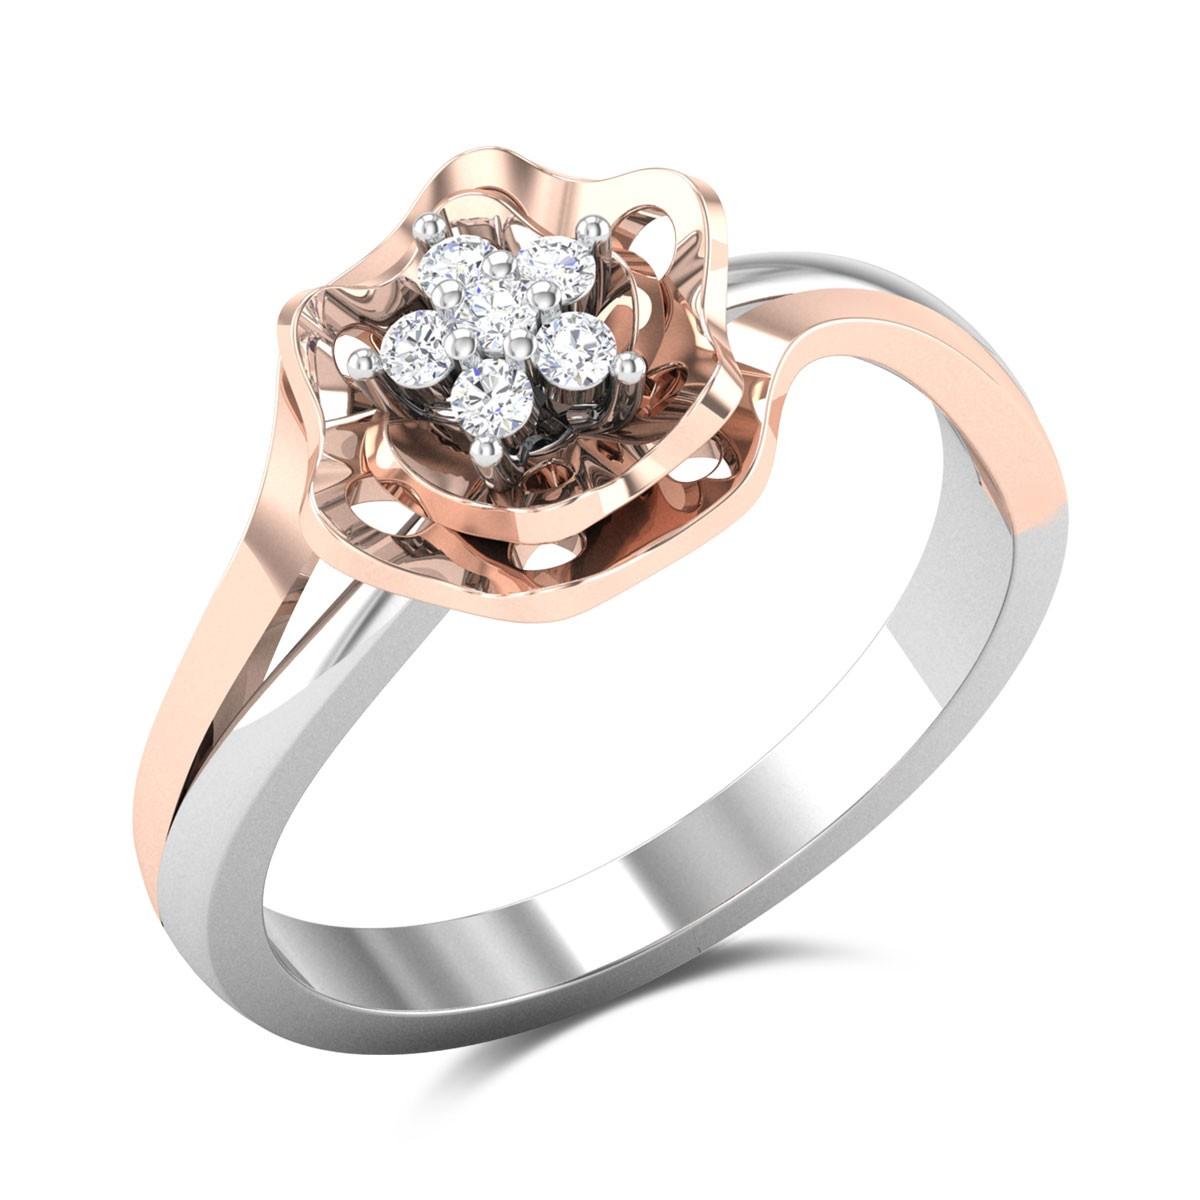 Trish Diamond Ring